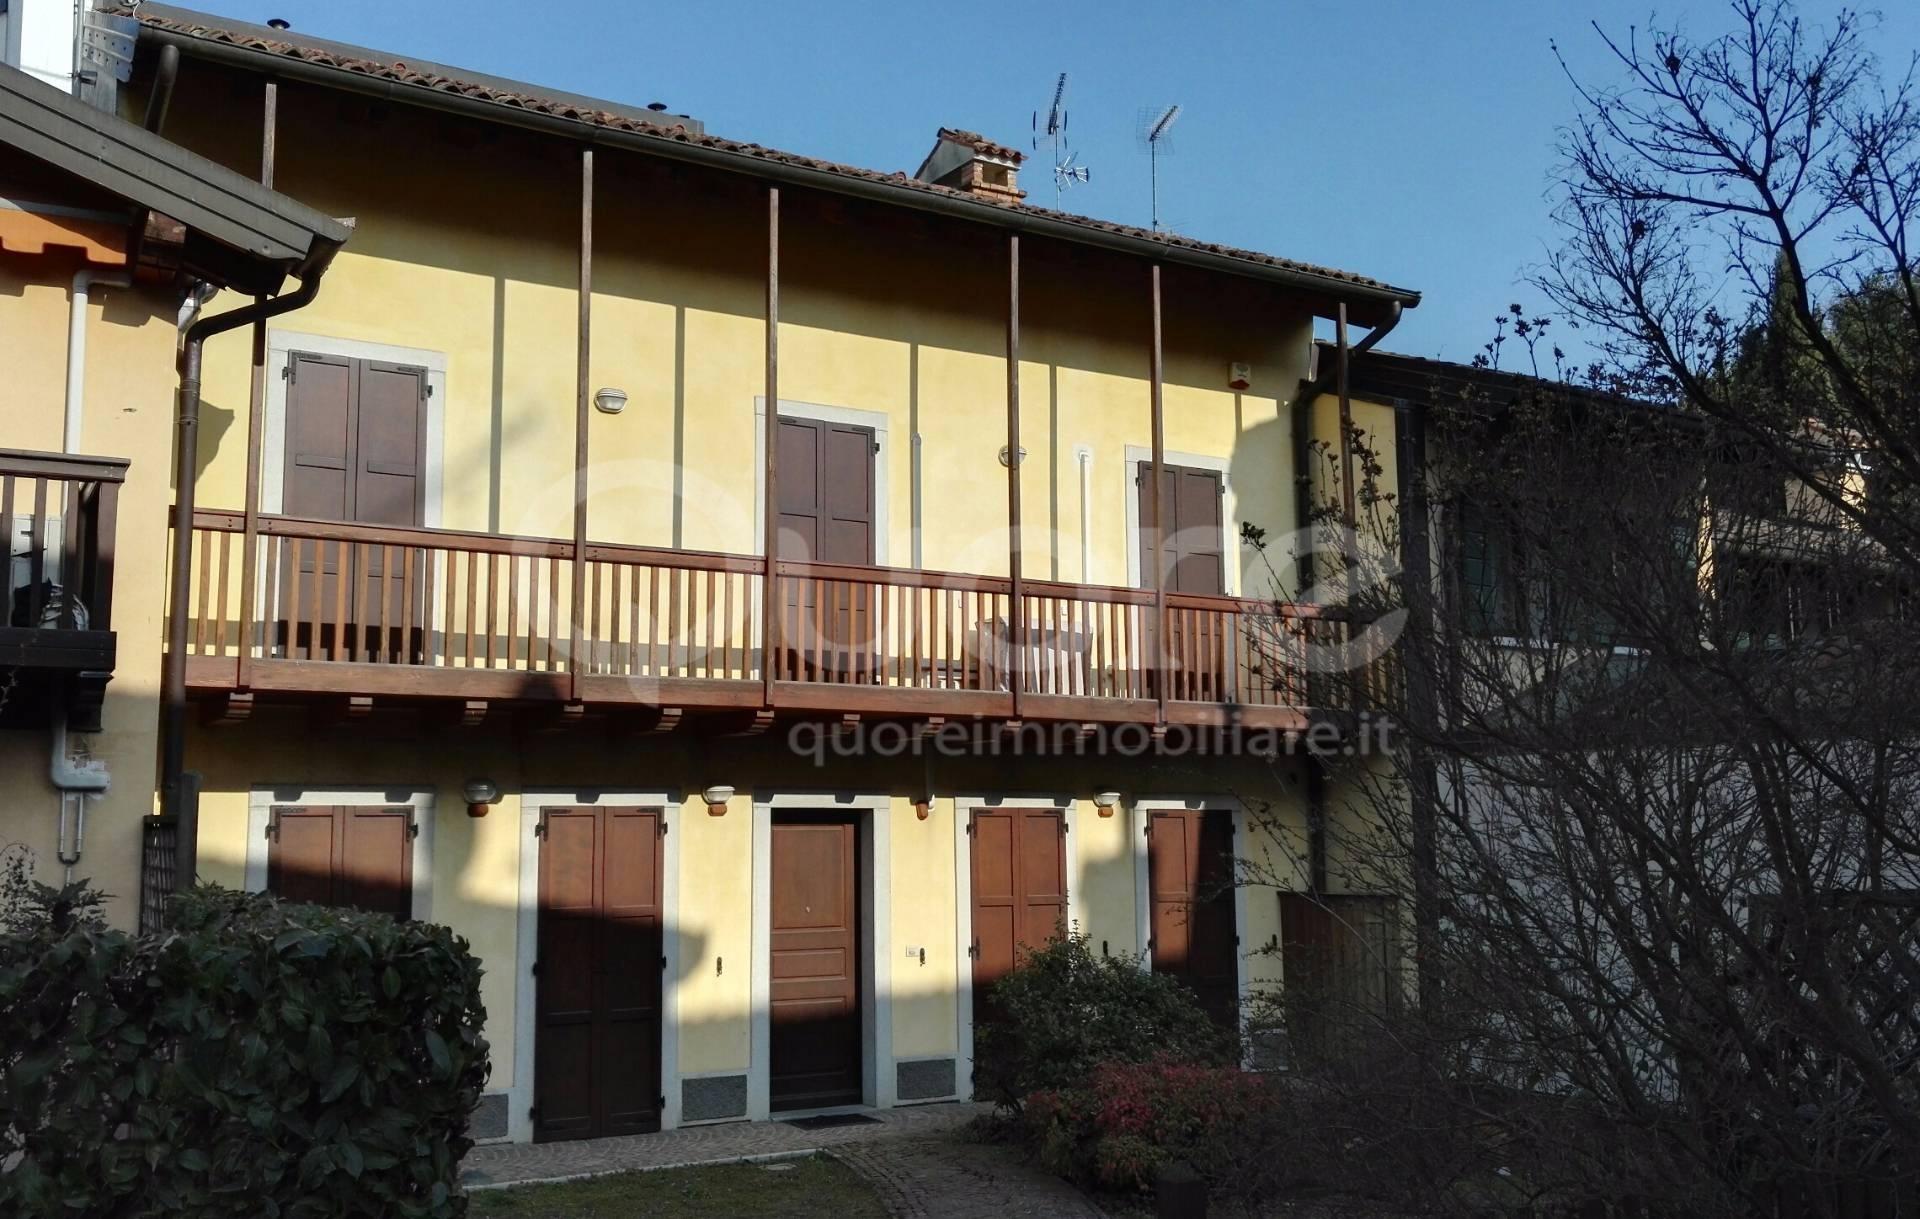 Soluzione Indipendente in vendita a Udine, 6 locali, zona Località: Centrostorico, prezzo € 365.000 | CambioCasa.it